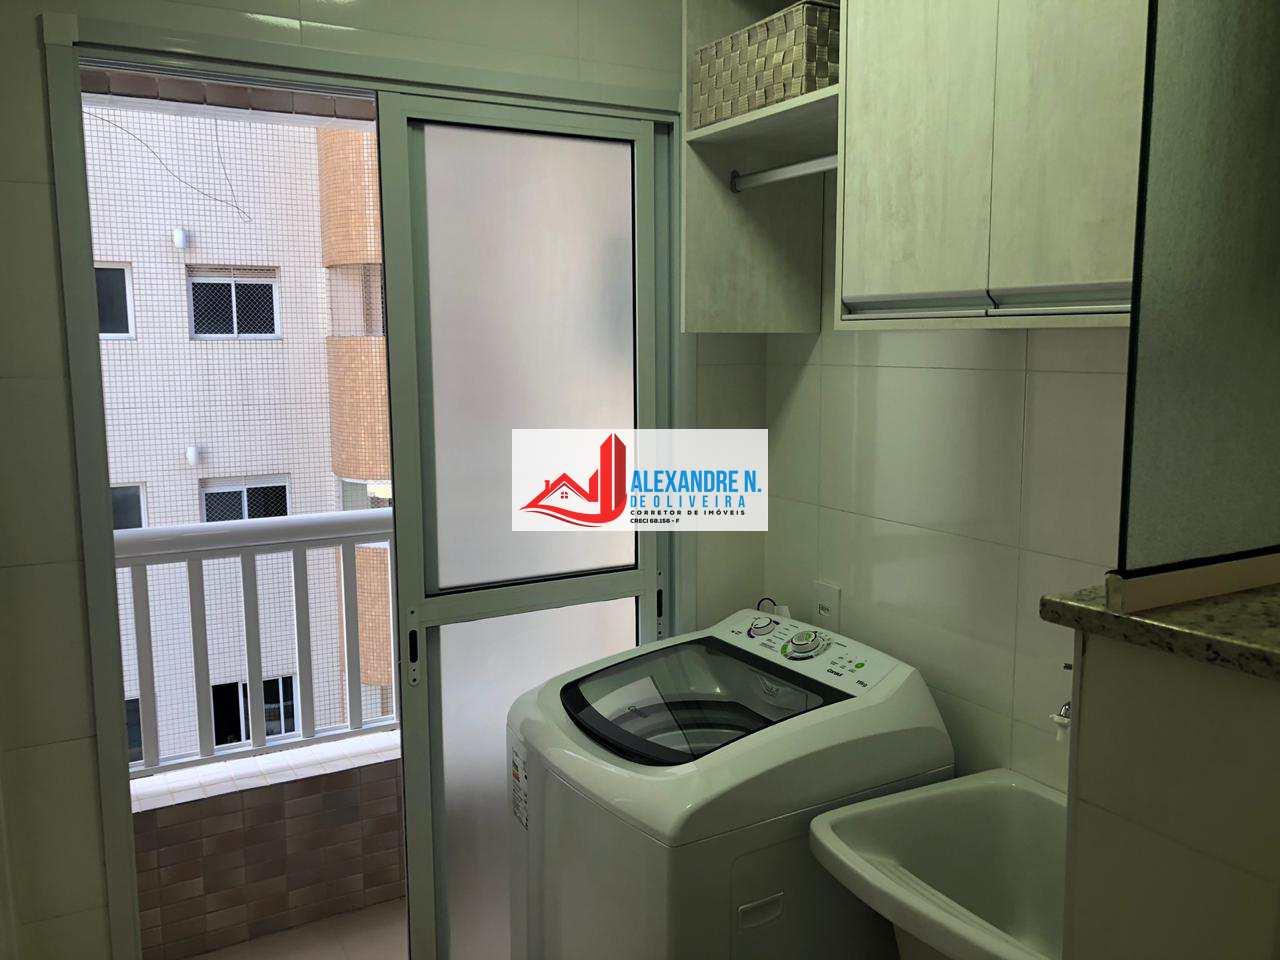 Cobertura 3 dorms, Aviação, Praia Grande - R$ 1.39 mi, CO00008